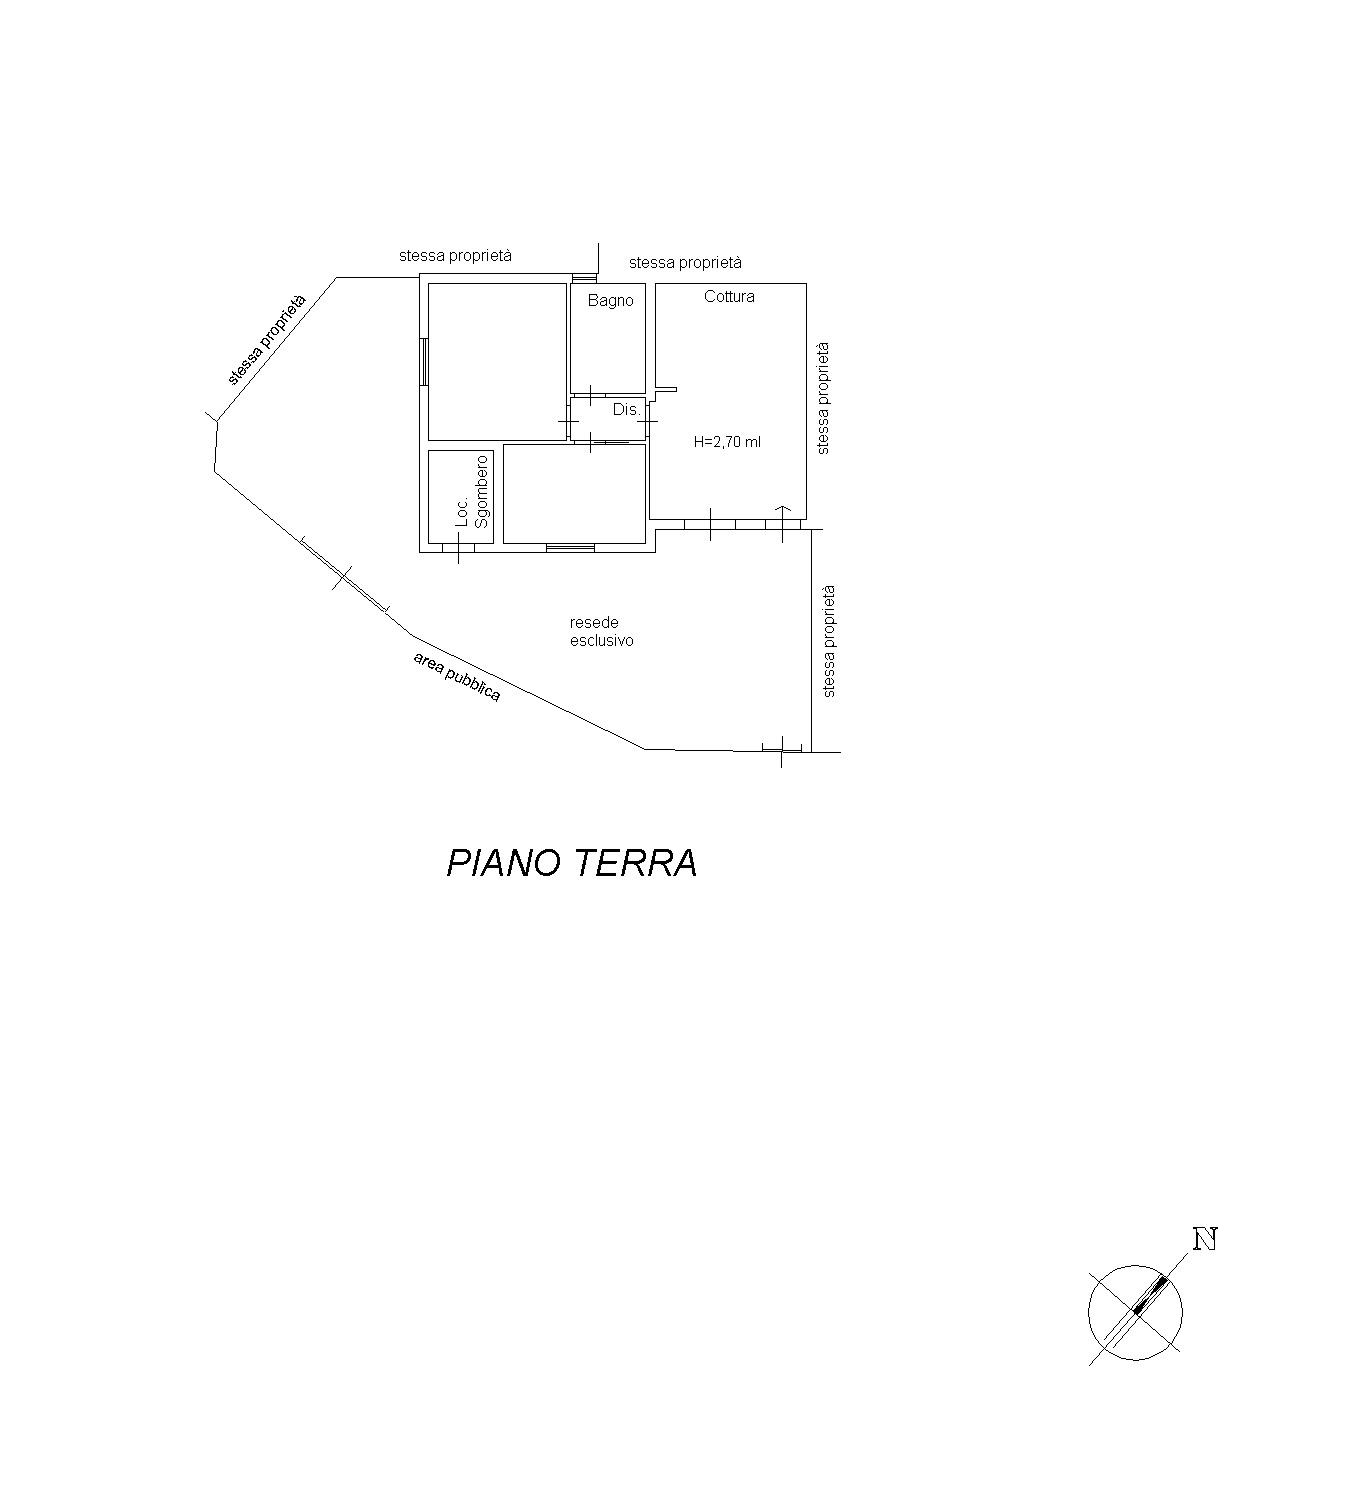 Appartamento in vendita, rif. 7099 (Planimetria 1/1)